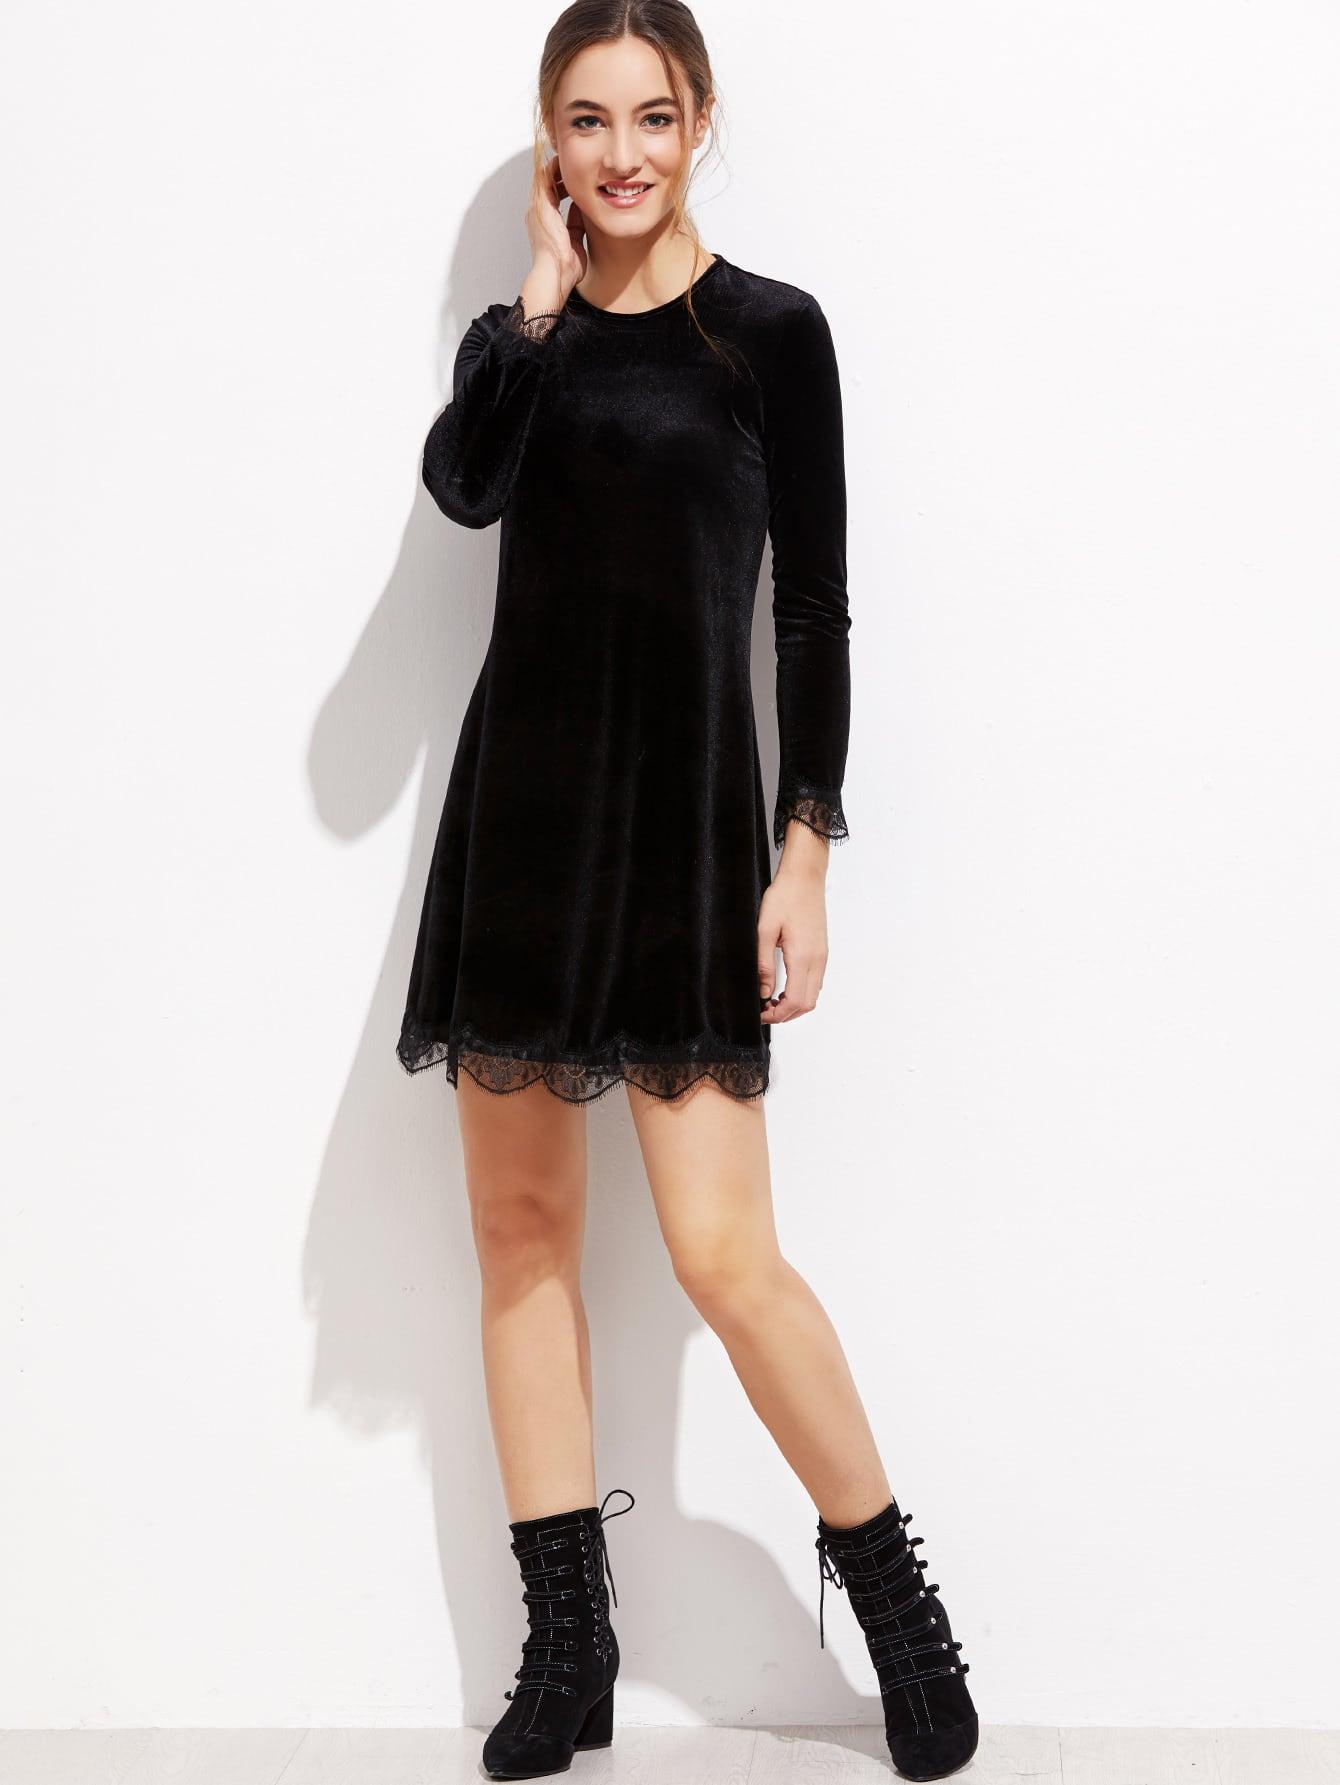 dress161018701_2